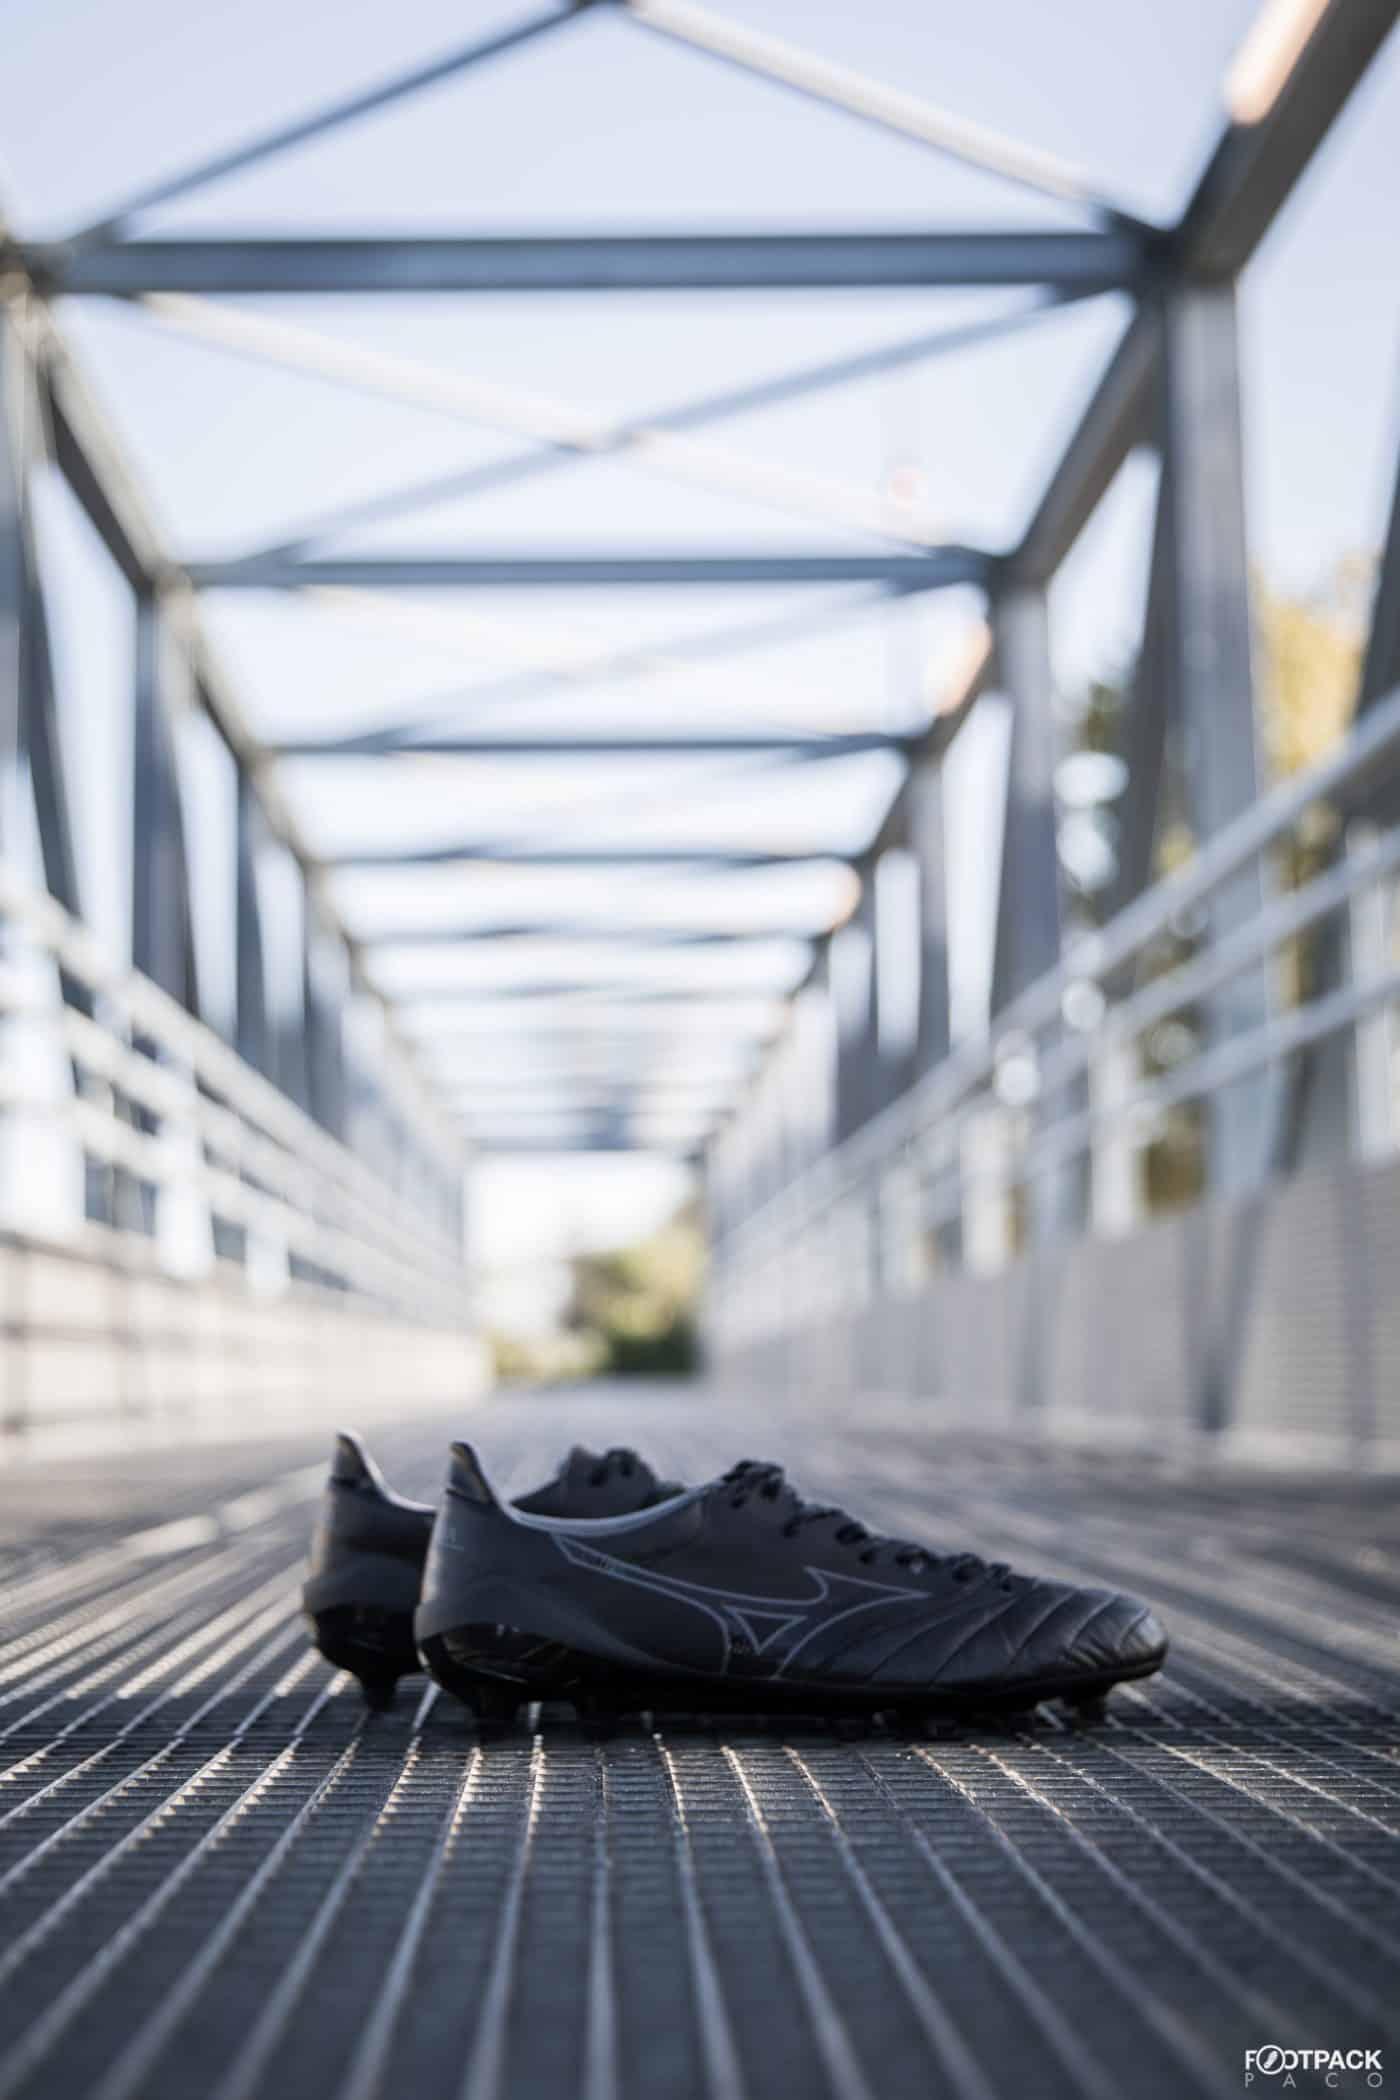 mizuno-morelia-2-neo-beta-noir-footpack-2